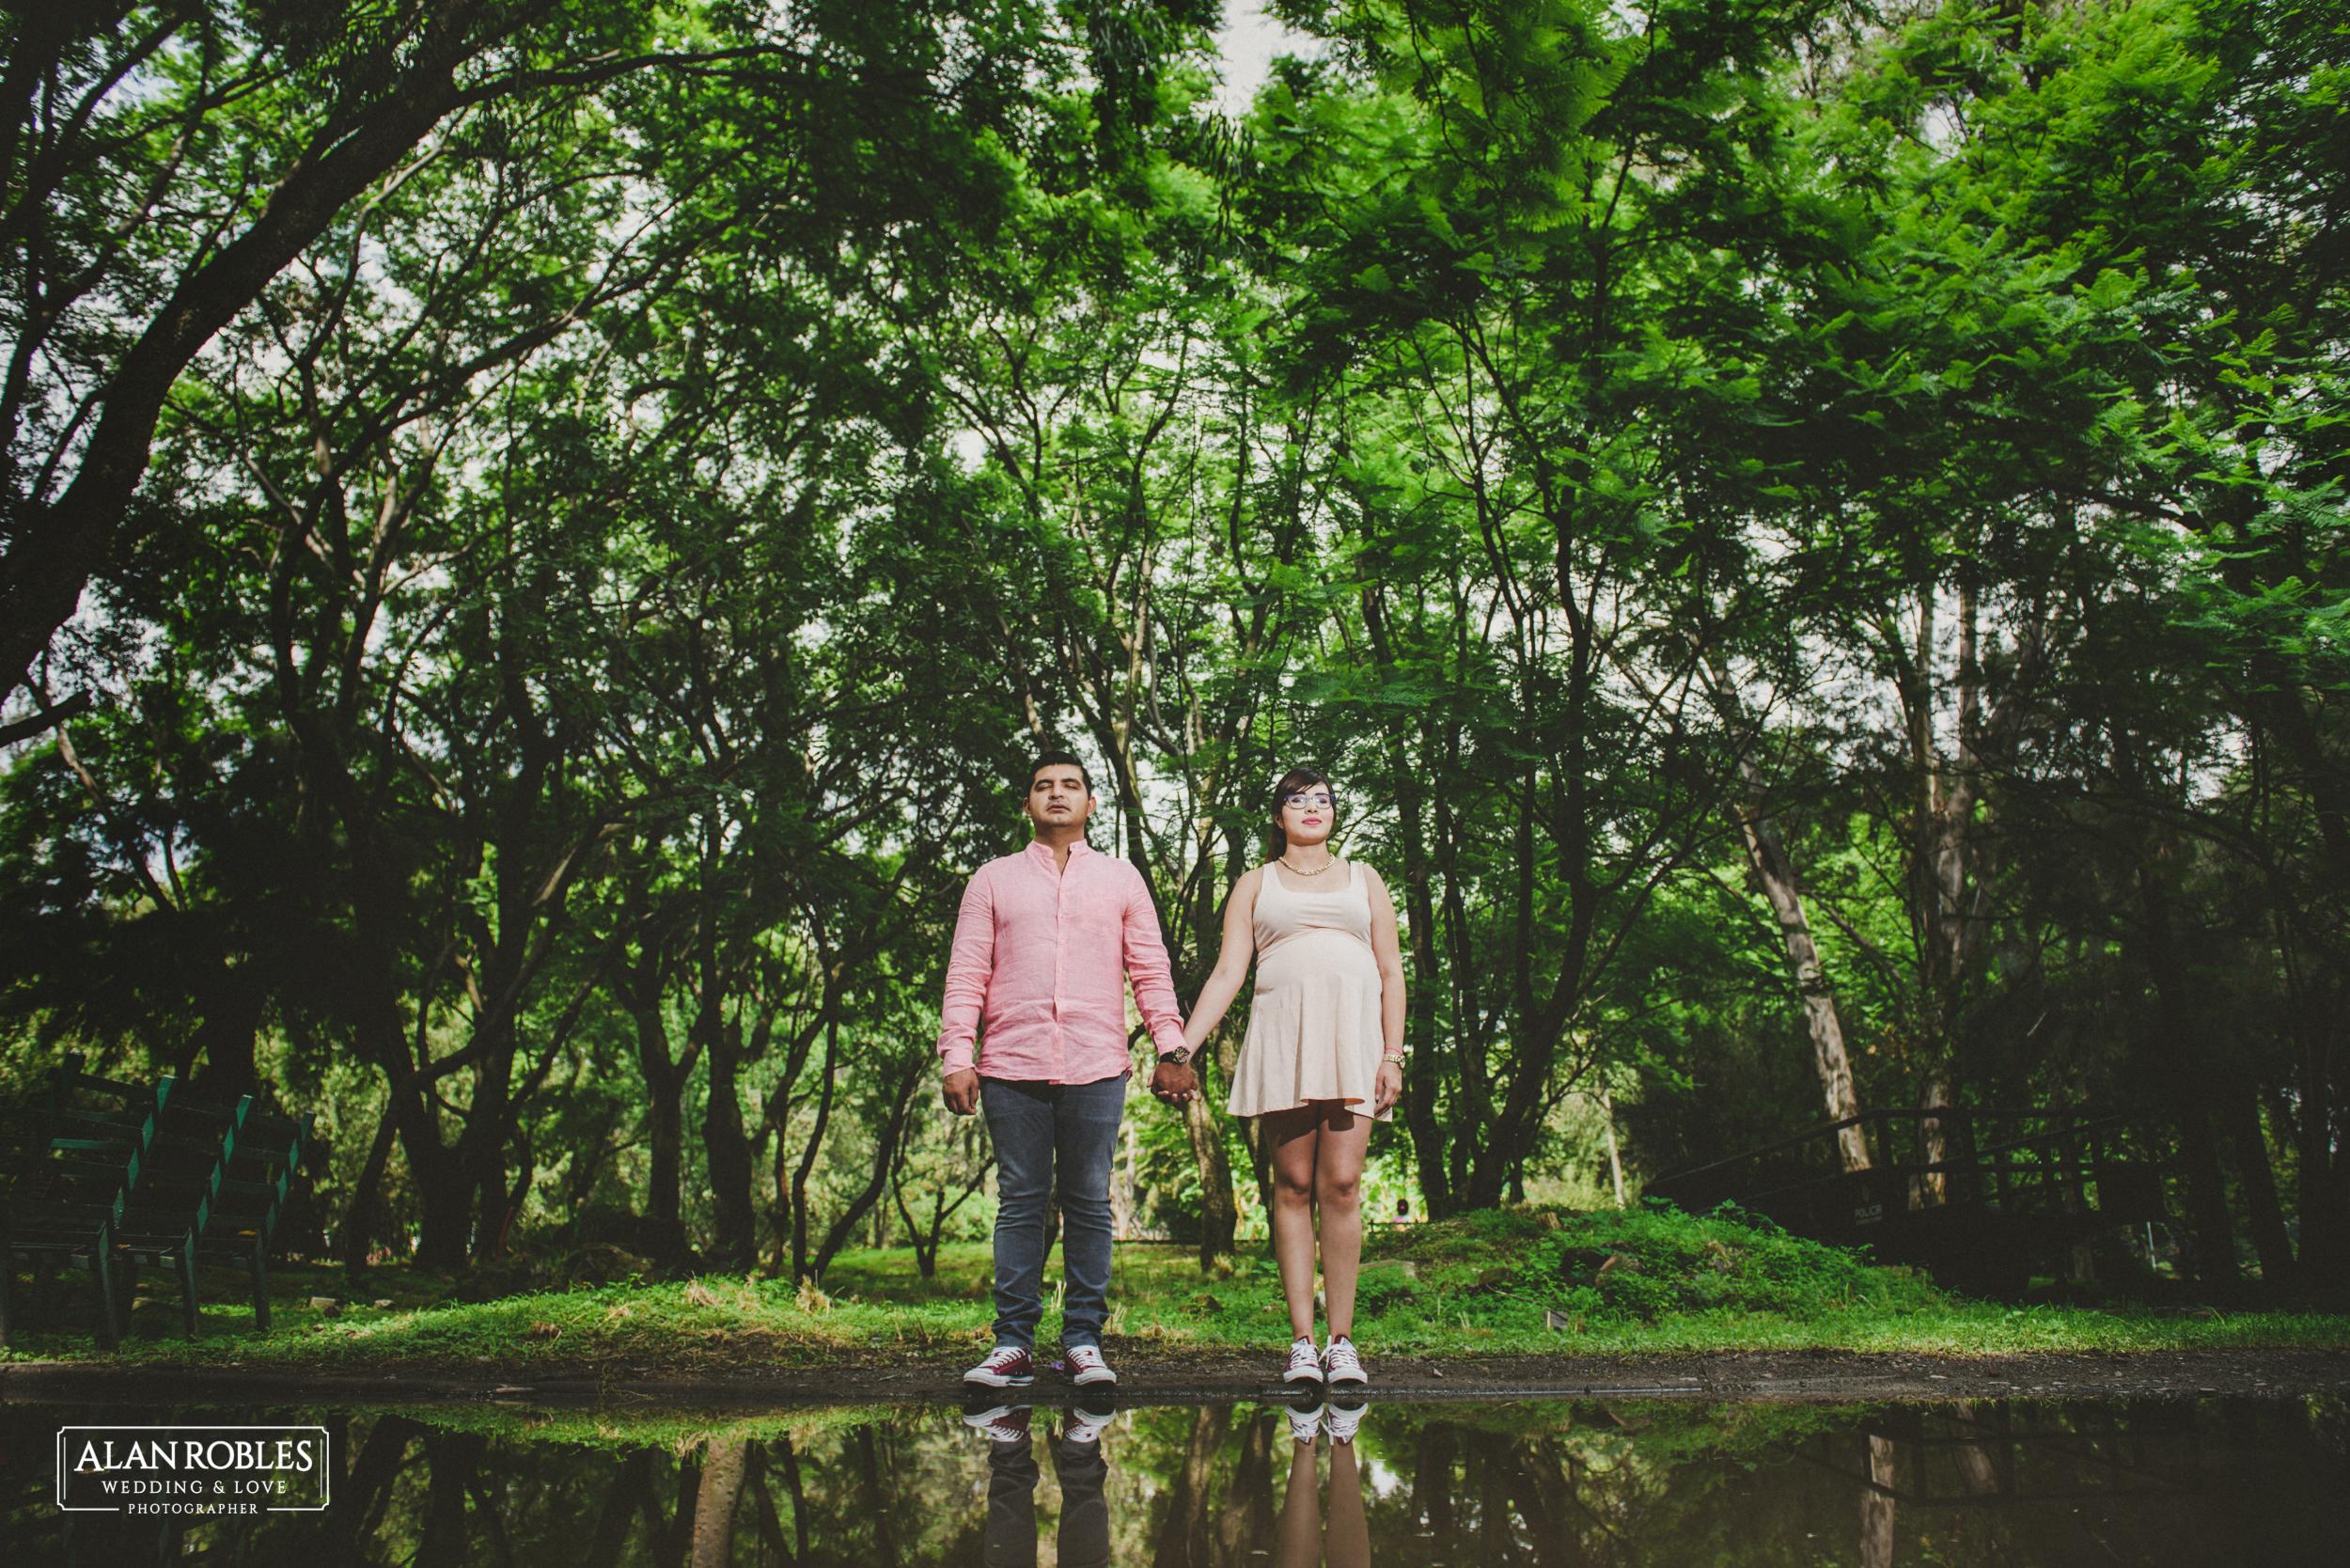 Sesion de fotos prenatal Alan Robles Fotografo de bodas en Guadalajara